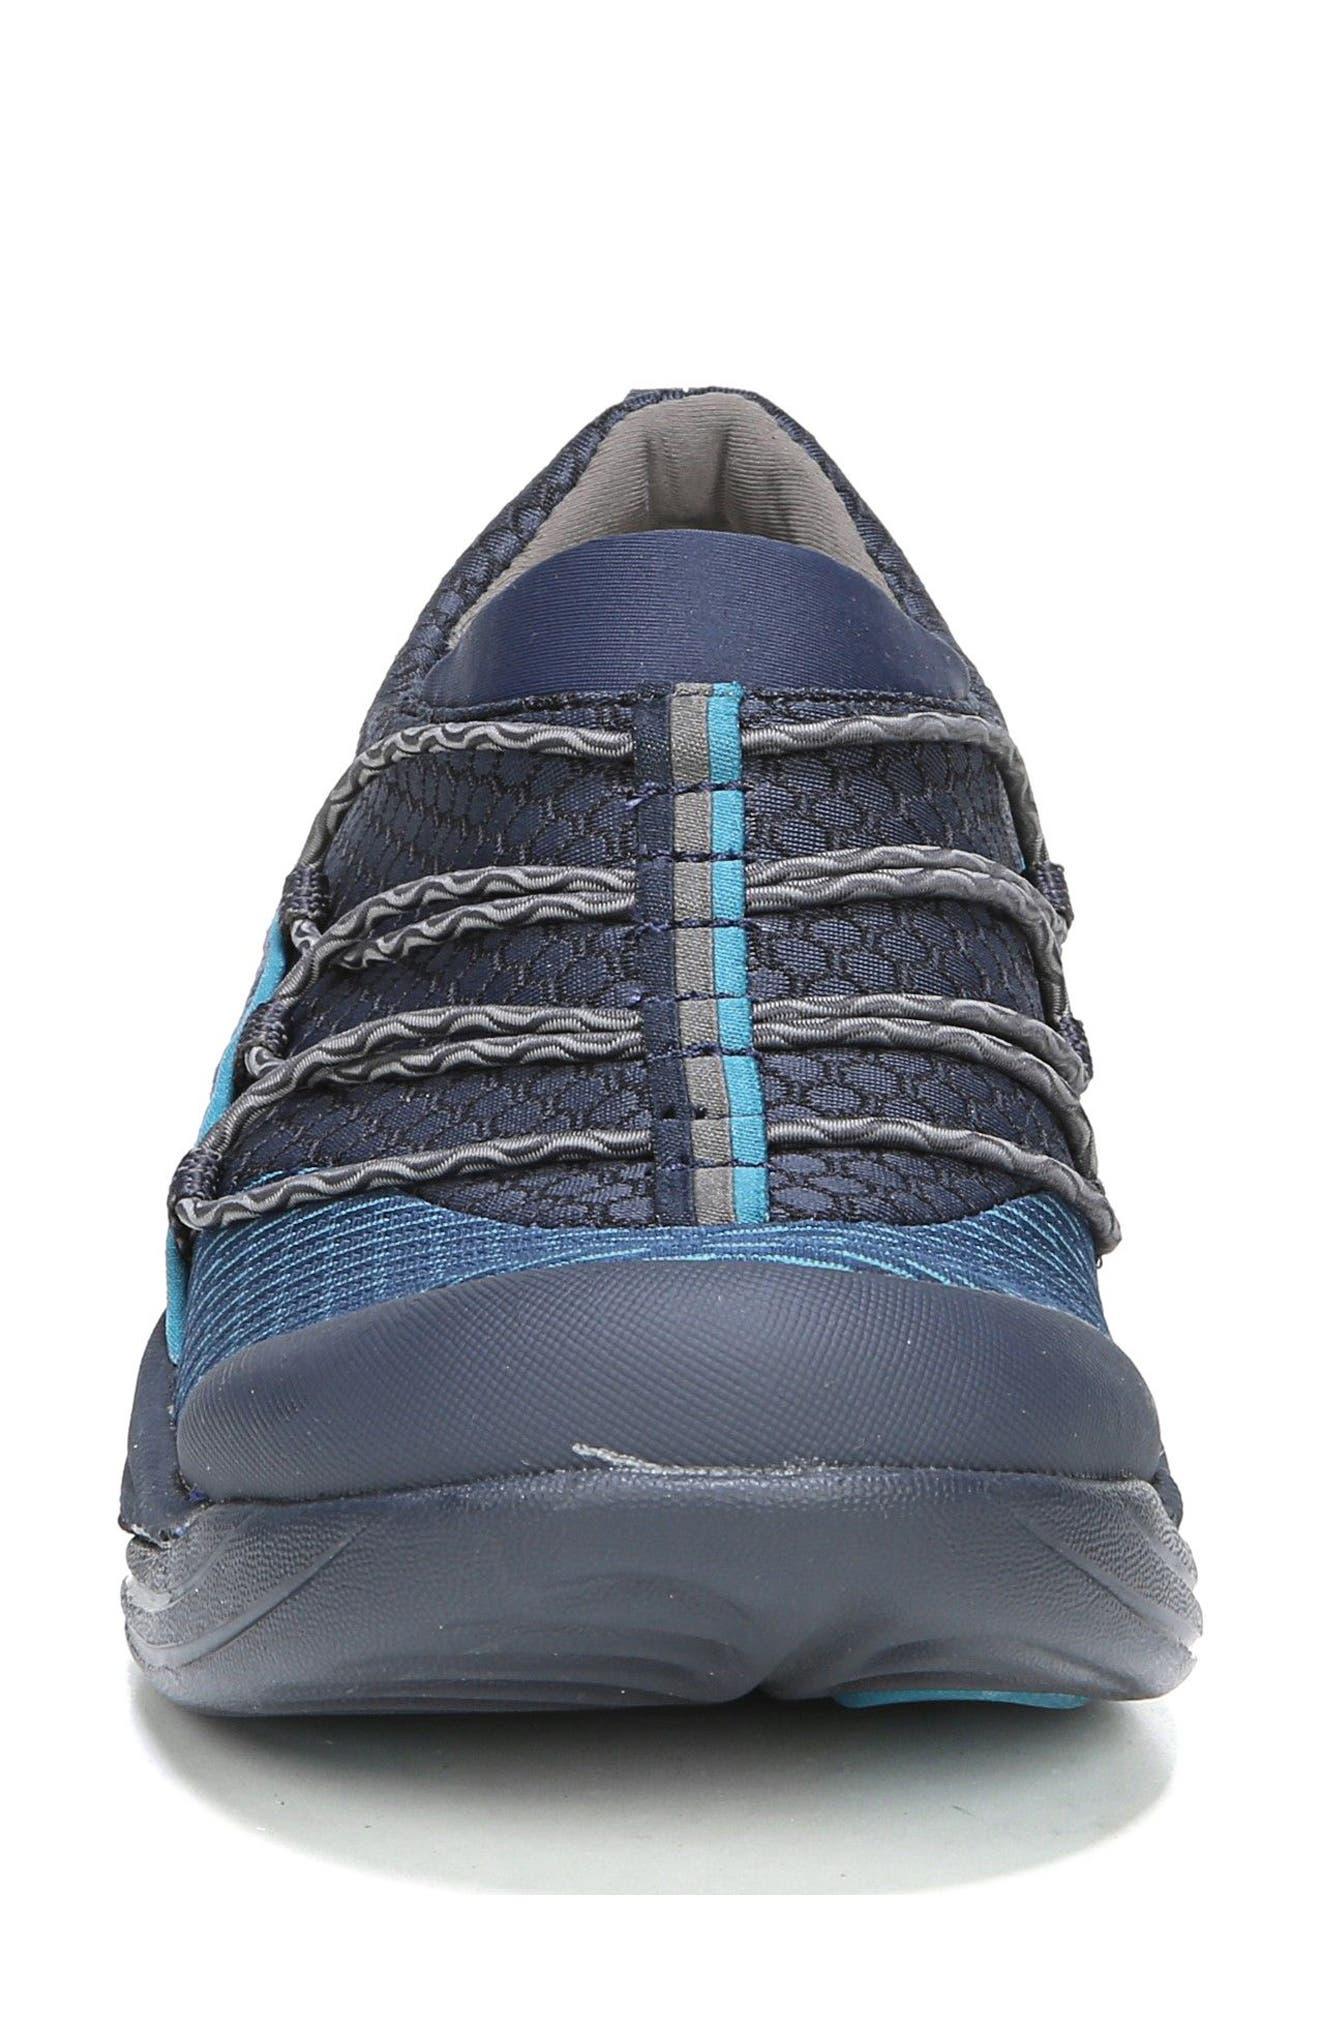 Pisces Slip-On Sneaker,                             Alternate thumbnail 4, color,                             NAVY